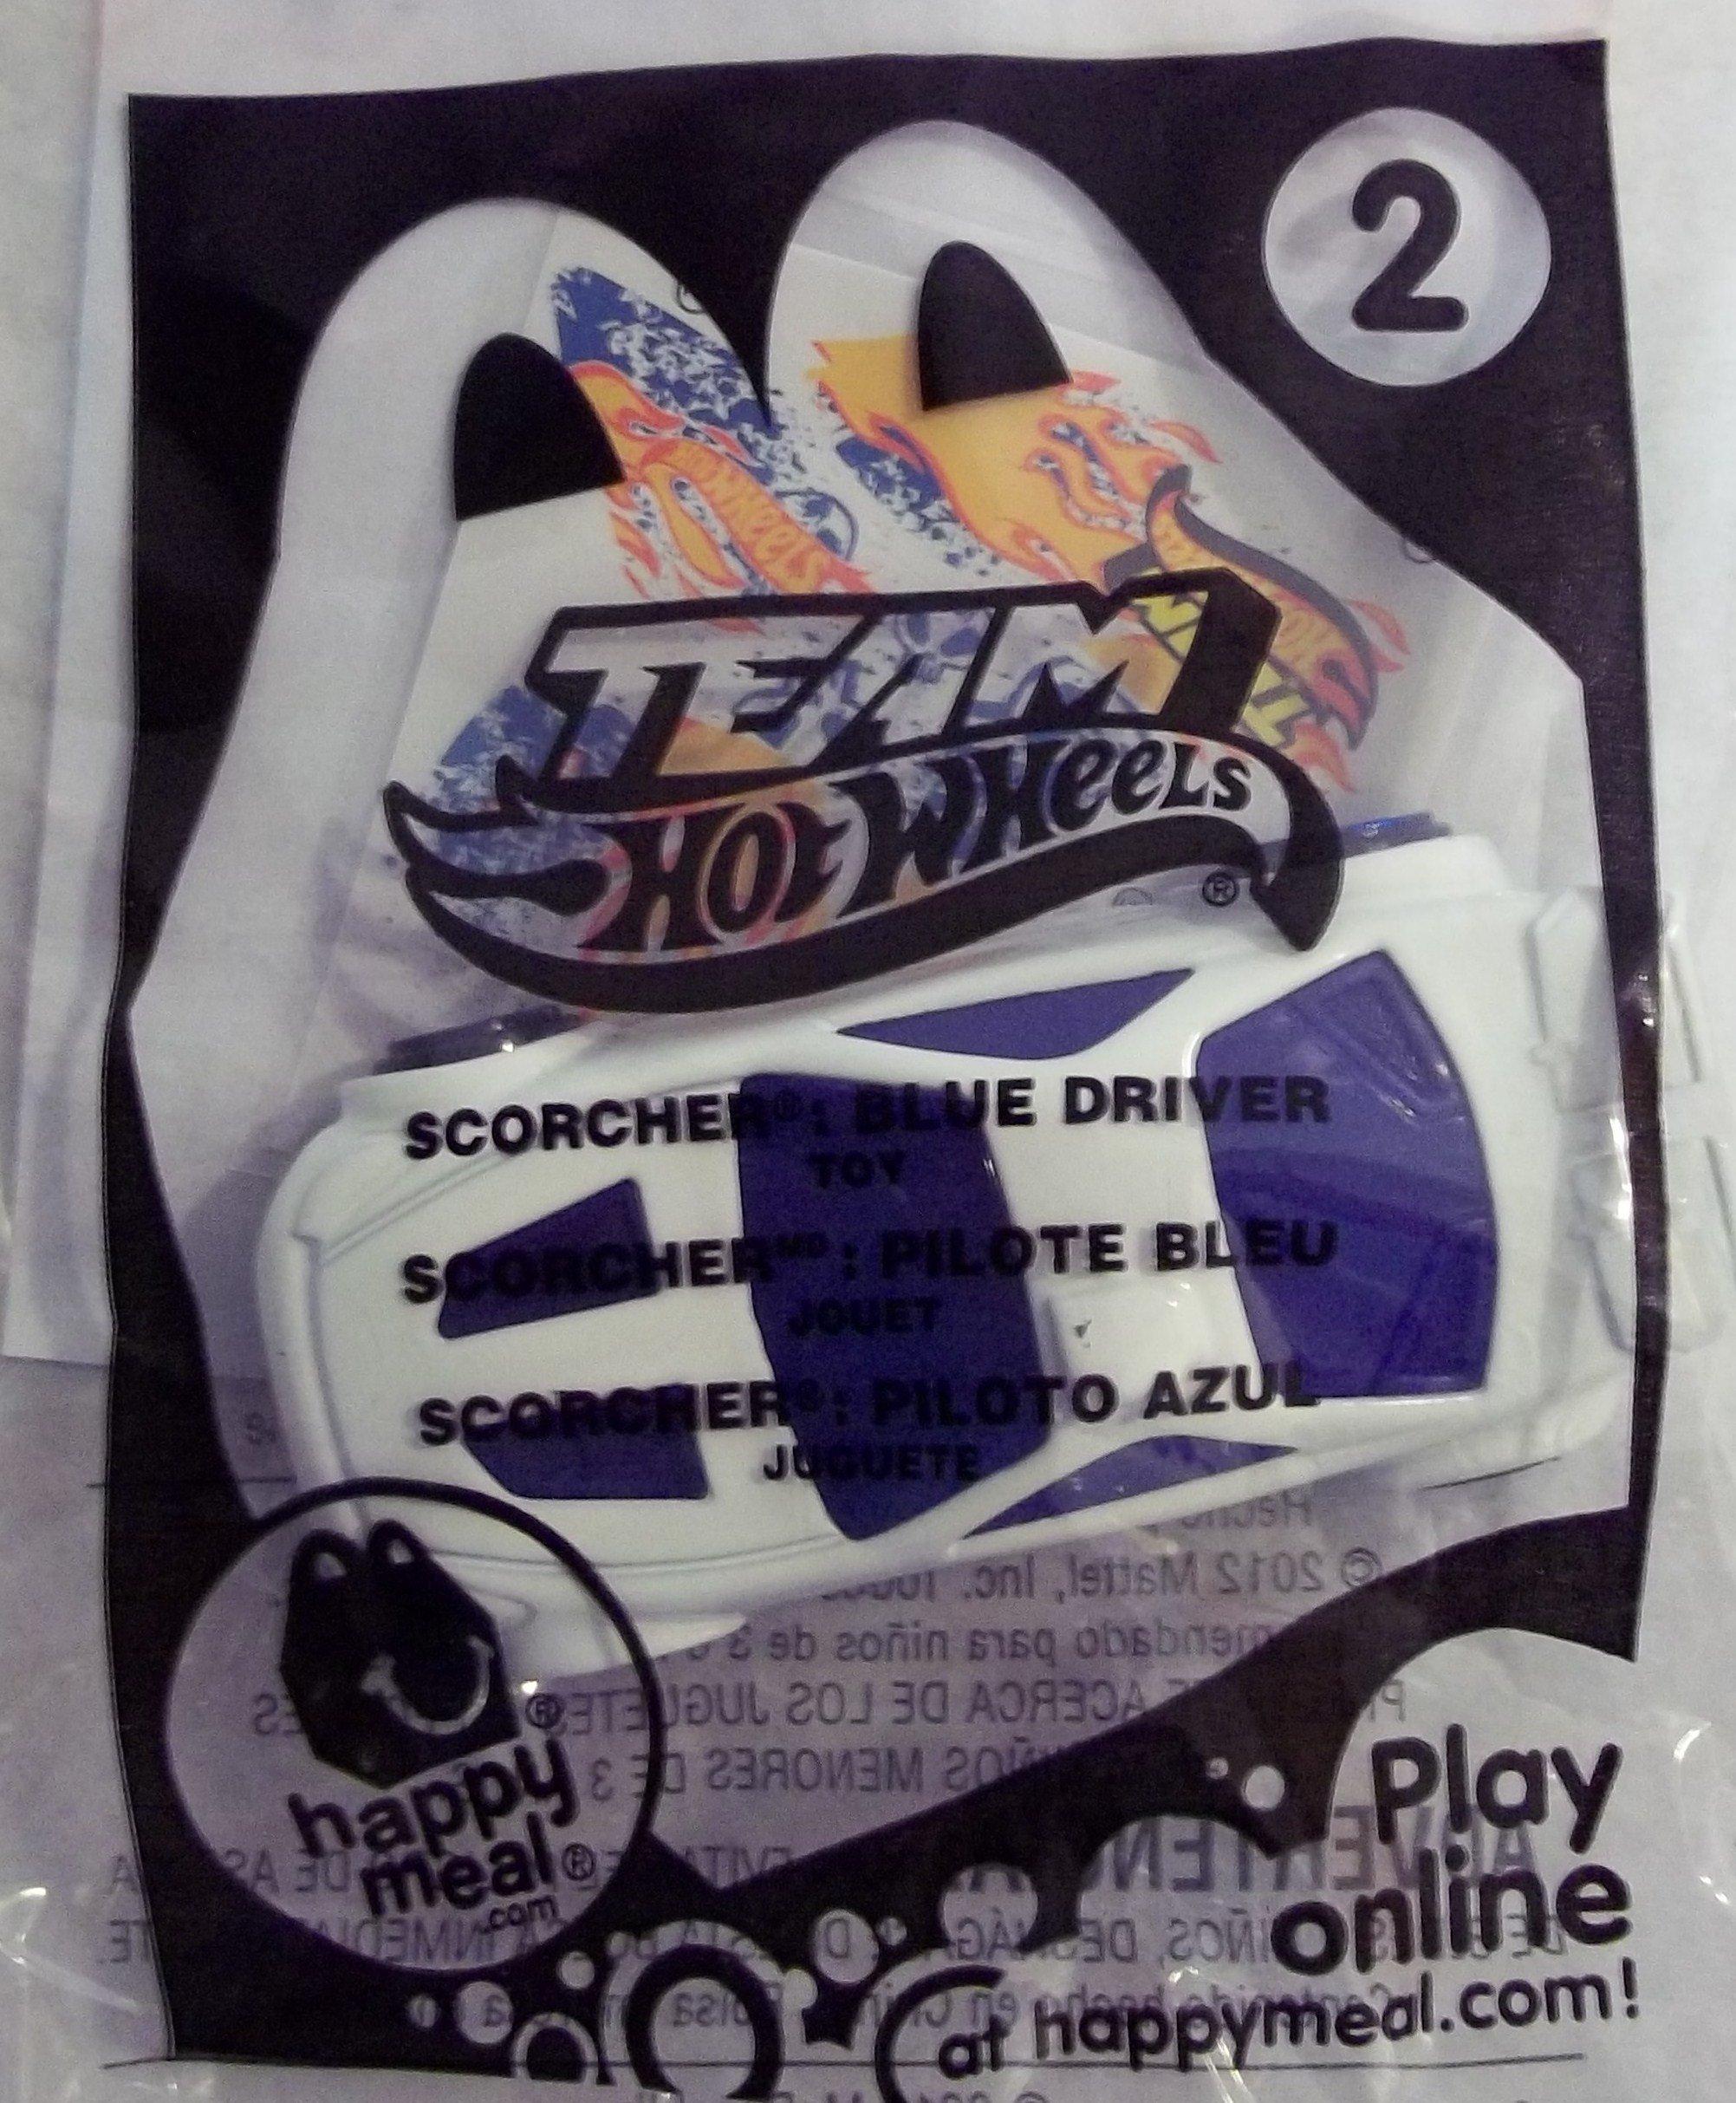 2012 McDonalds Team Hot Wheels - # 2 Scorcher Blue Driver